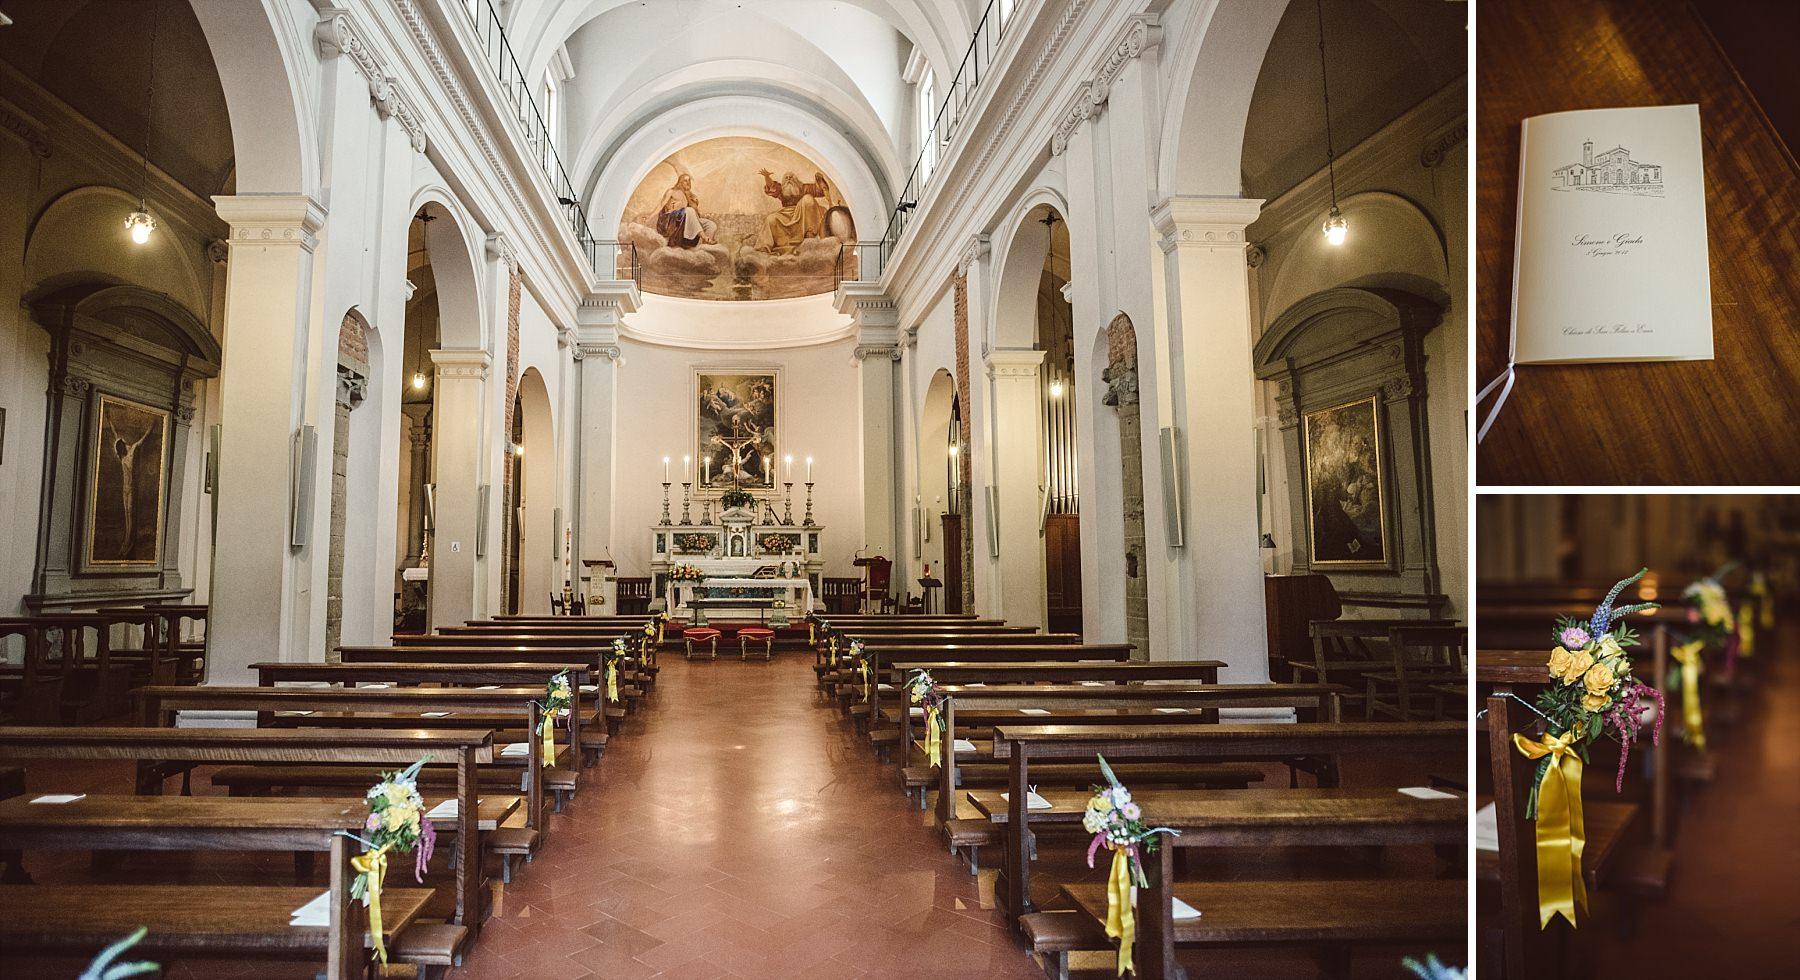 Interni e dettagli di una chiesa a Firenze allestita per cerimonia matrimoniale